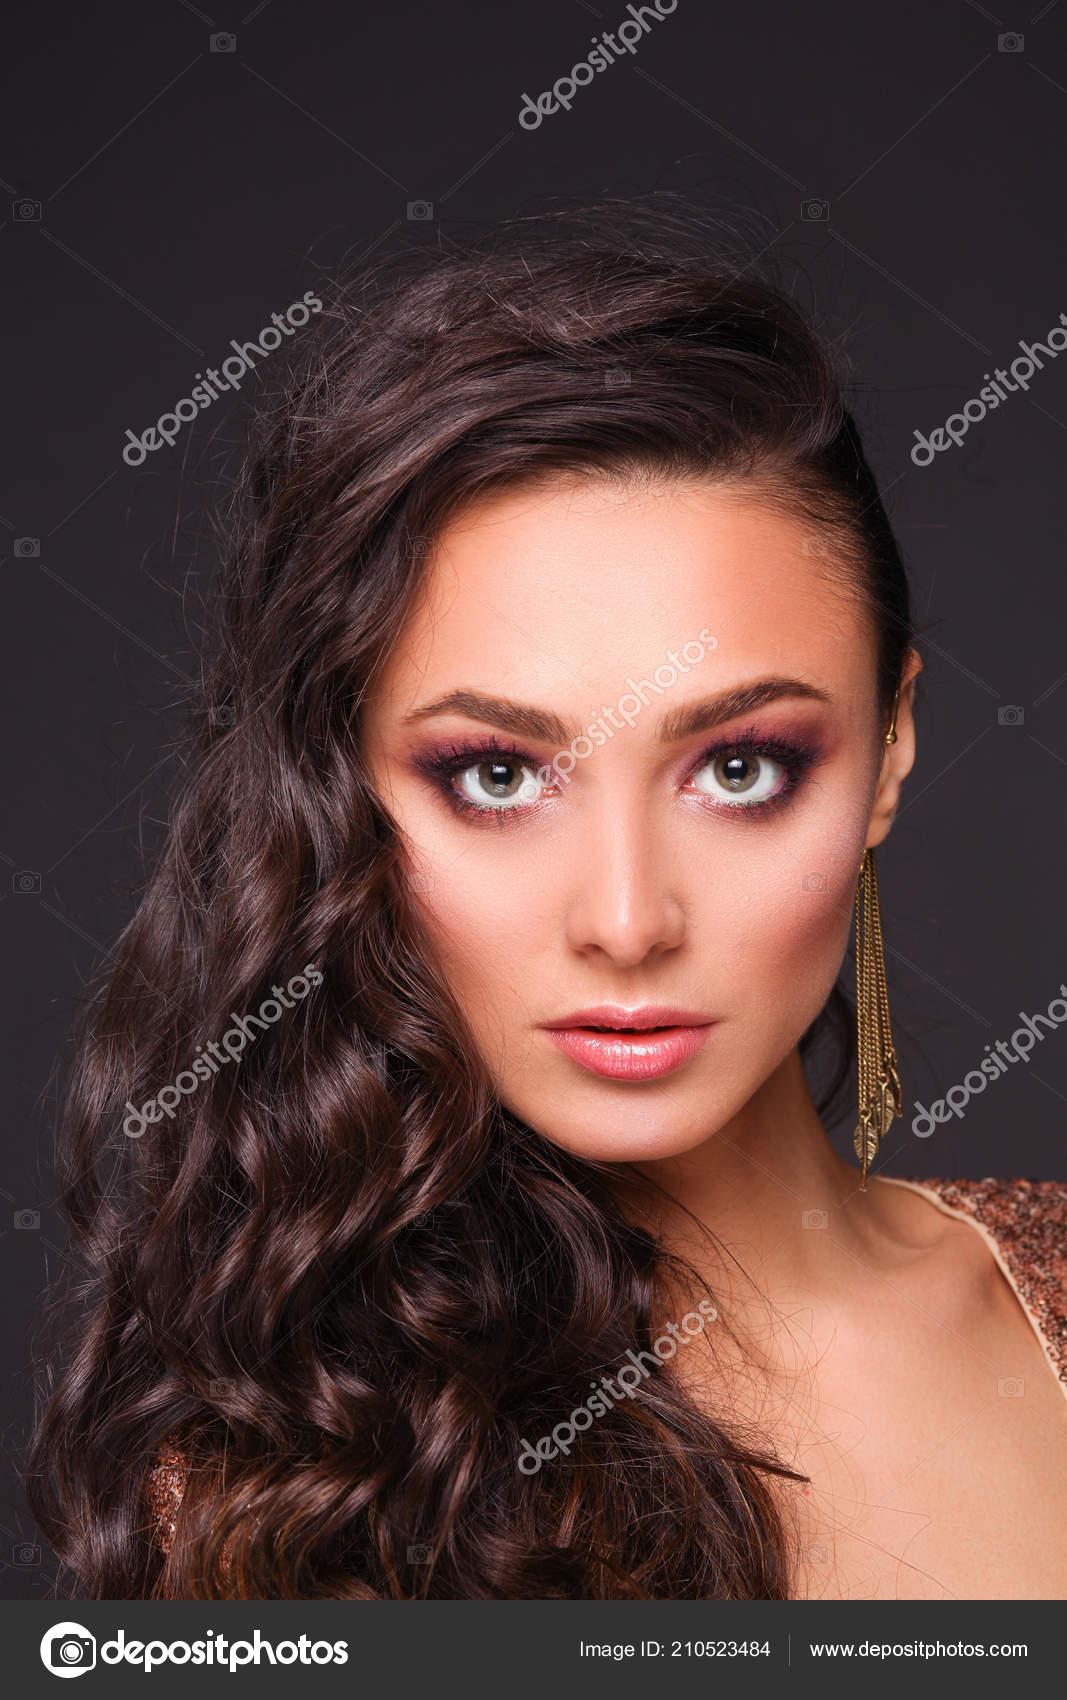 Schone Junge Frau Abendkleid Auf Schwarzem Hintergrund Stockfoto C Lenets Tatsiana 210523484